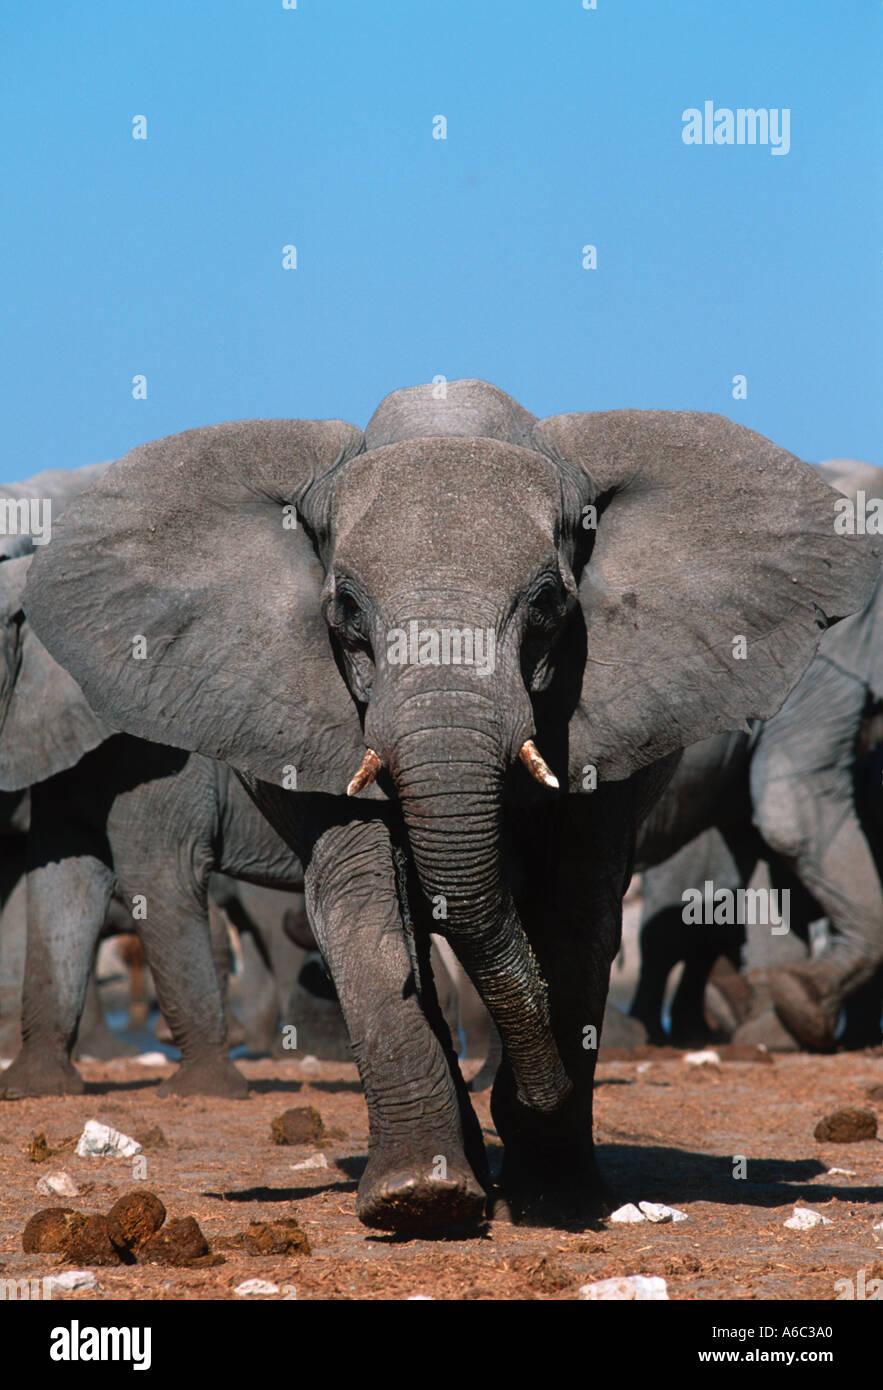 African elephant Loxodonta africana Charging elephant in aggressive posture Etosha National  Park Namibia Sub Saharan Africa - Stock Image